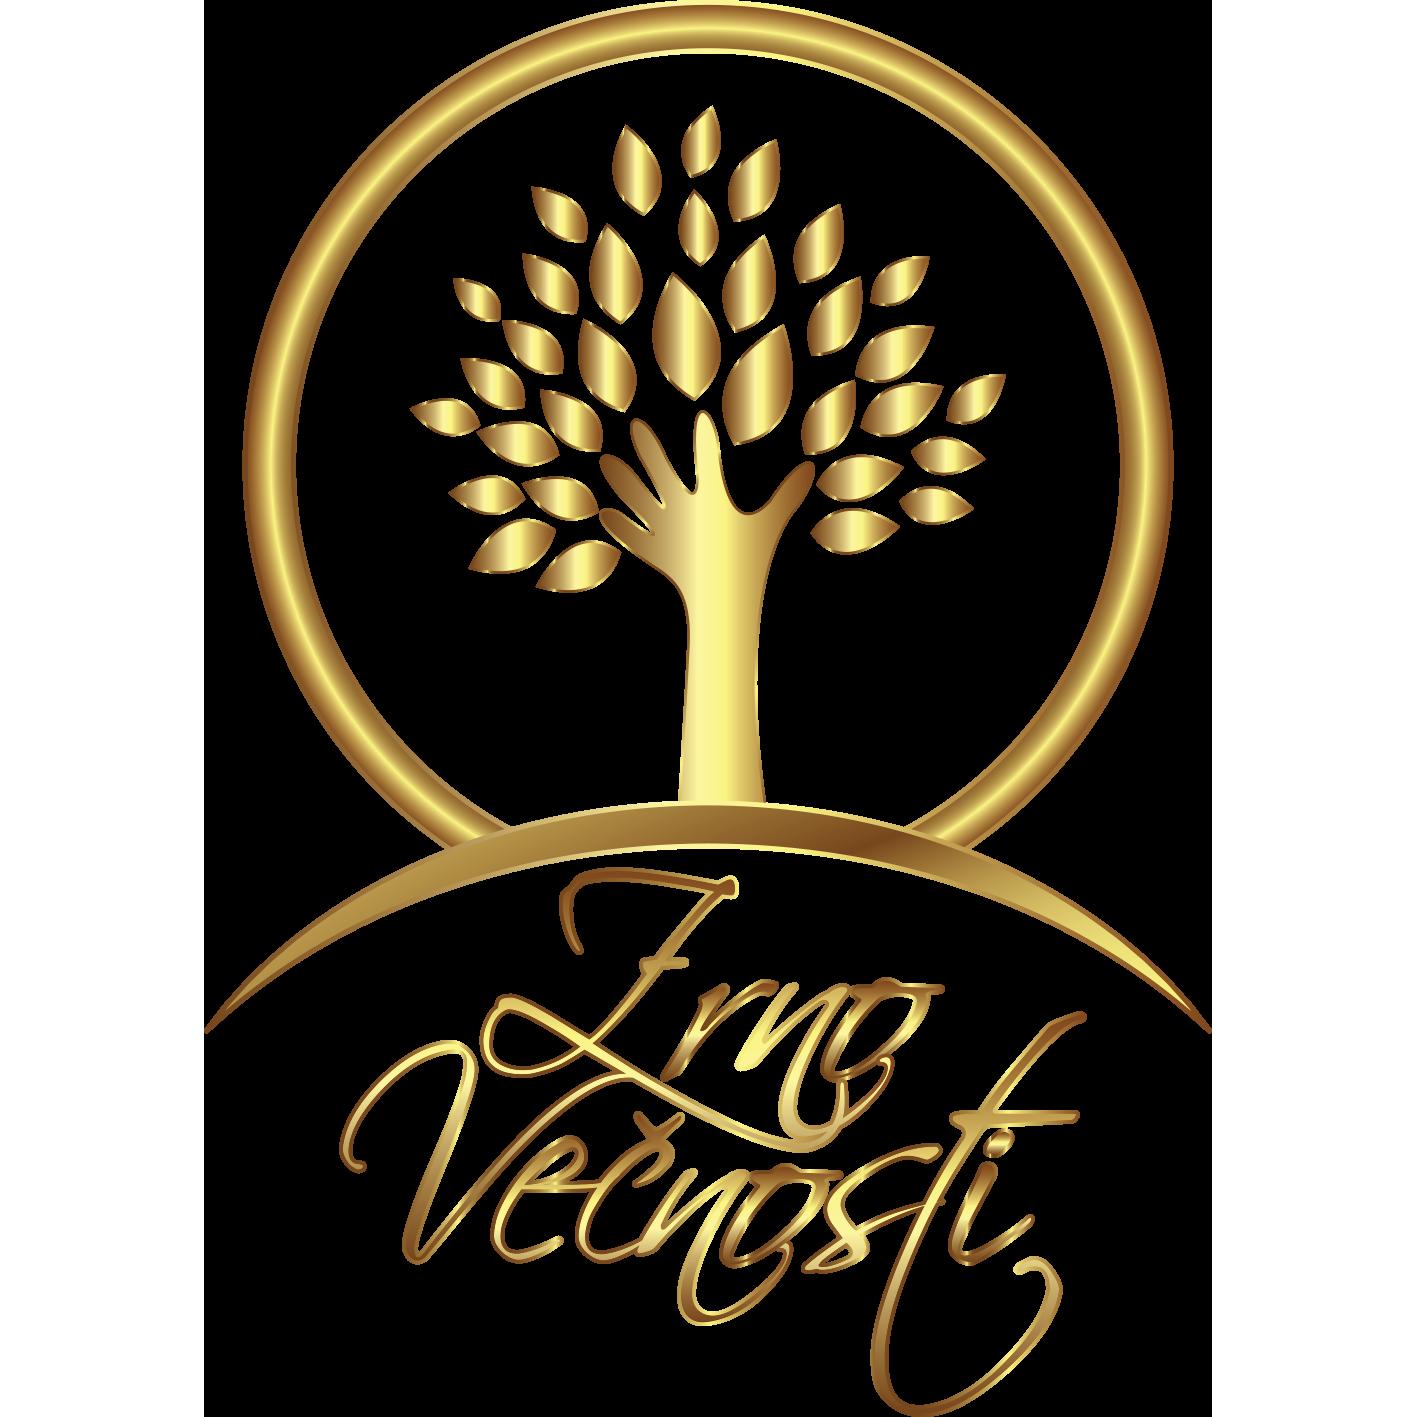 LOGO-Final-ZRNO-VECNOSTI